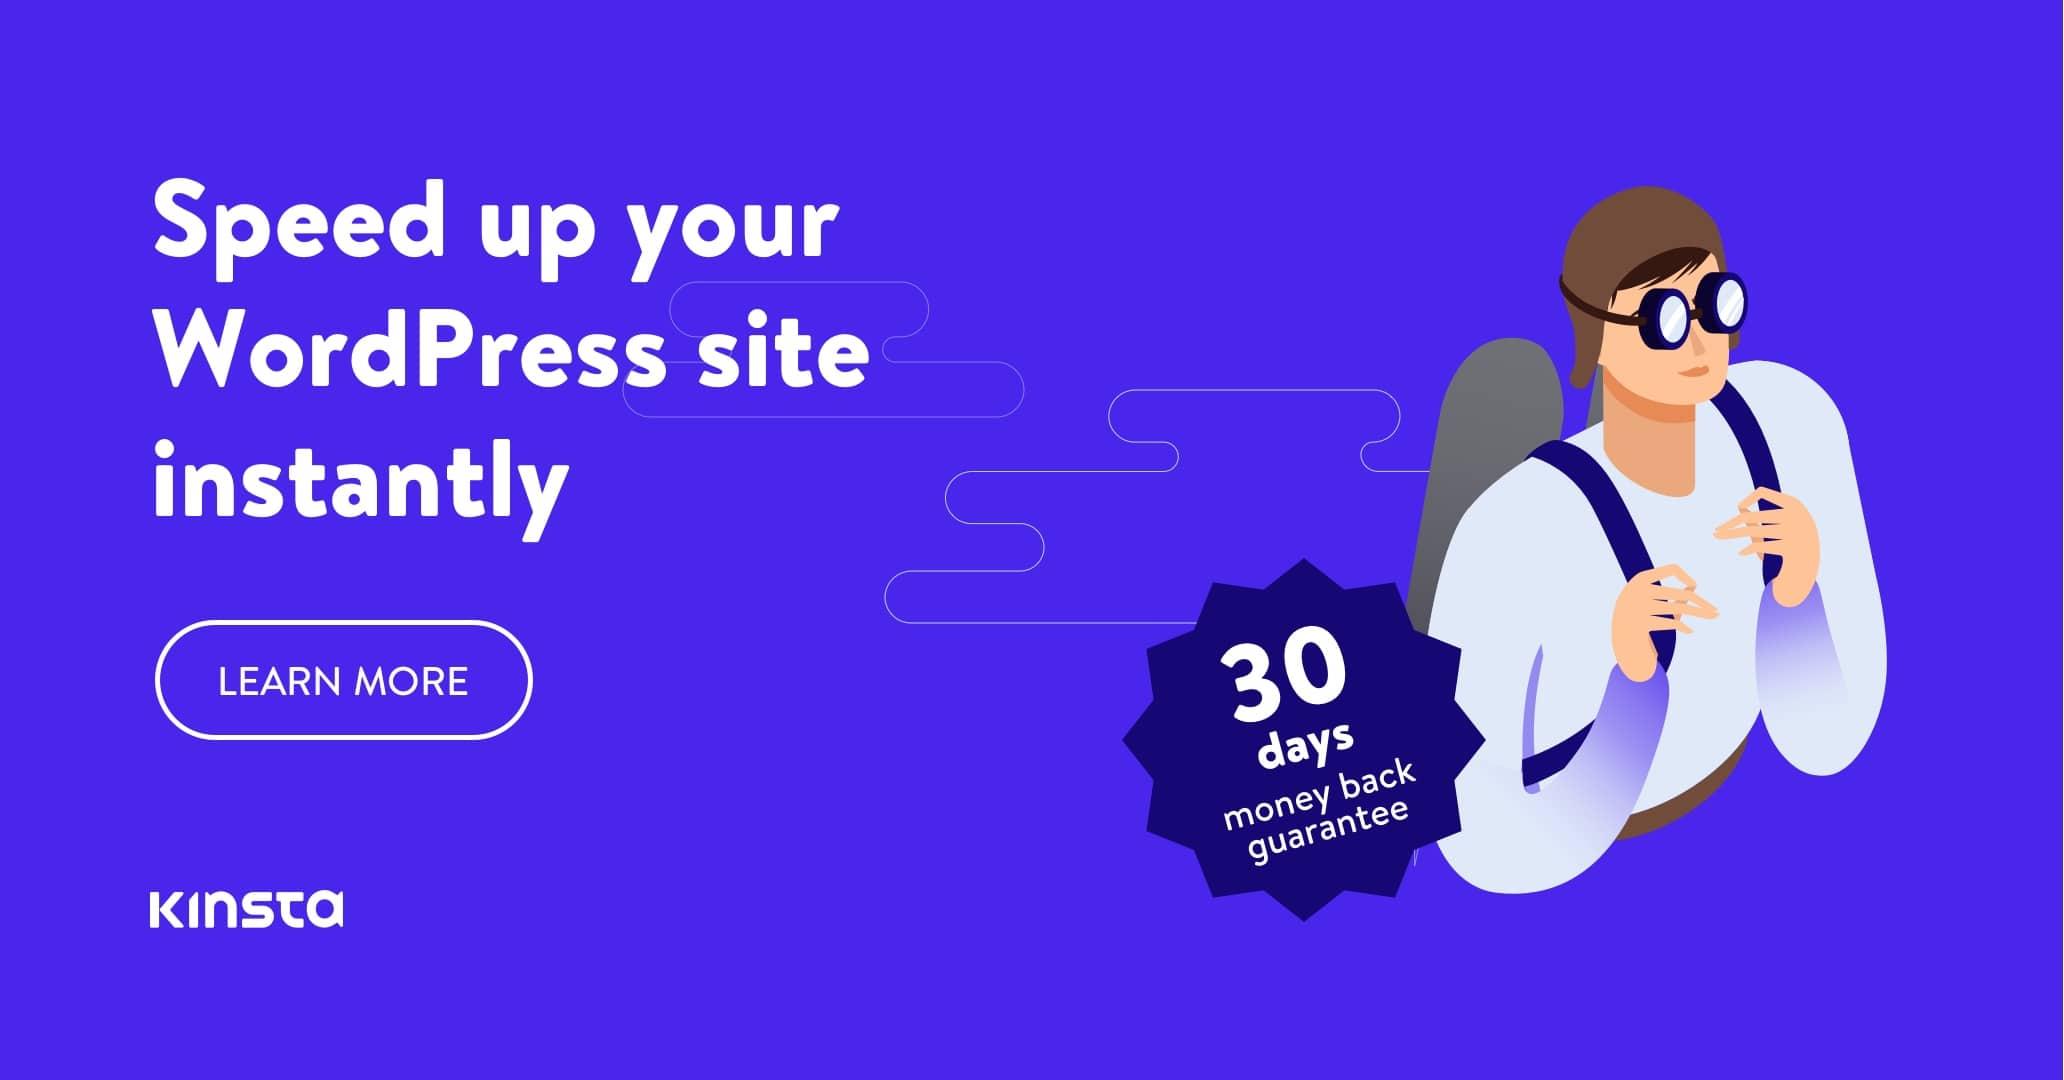 Utilice la solución de alojamiento de WordPress más rápida de Kinsta para acelerar su sitio de WordPress al instante.  Pruébelo ahora y disfrute de una garantía de devolución de dinero de 30 días